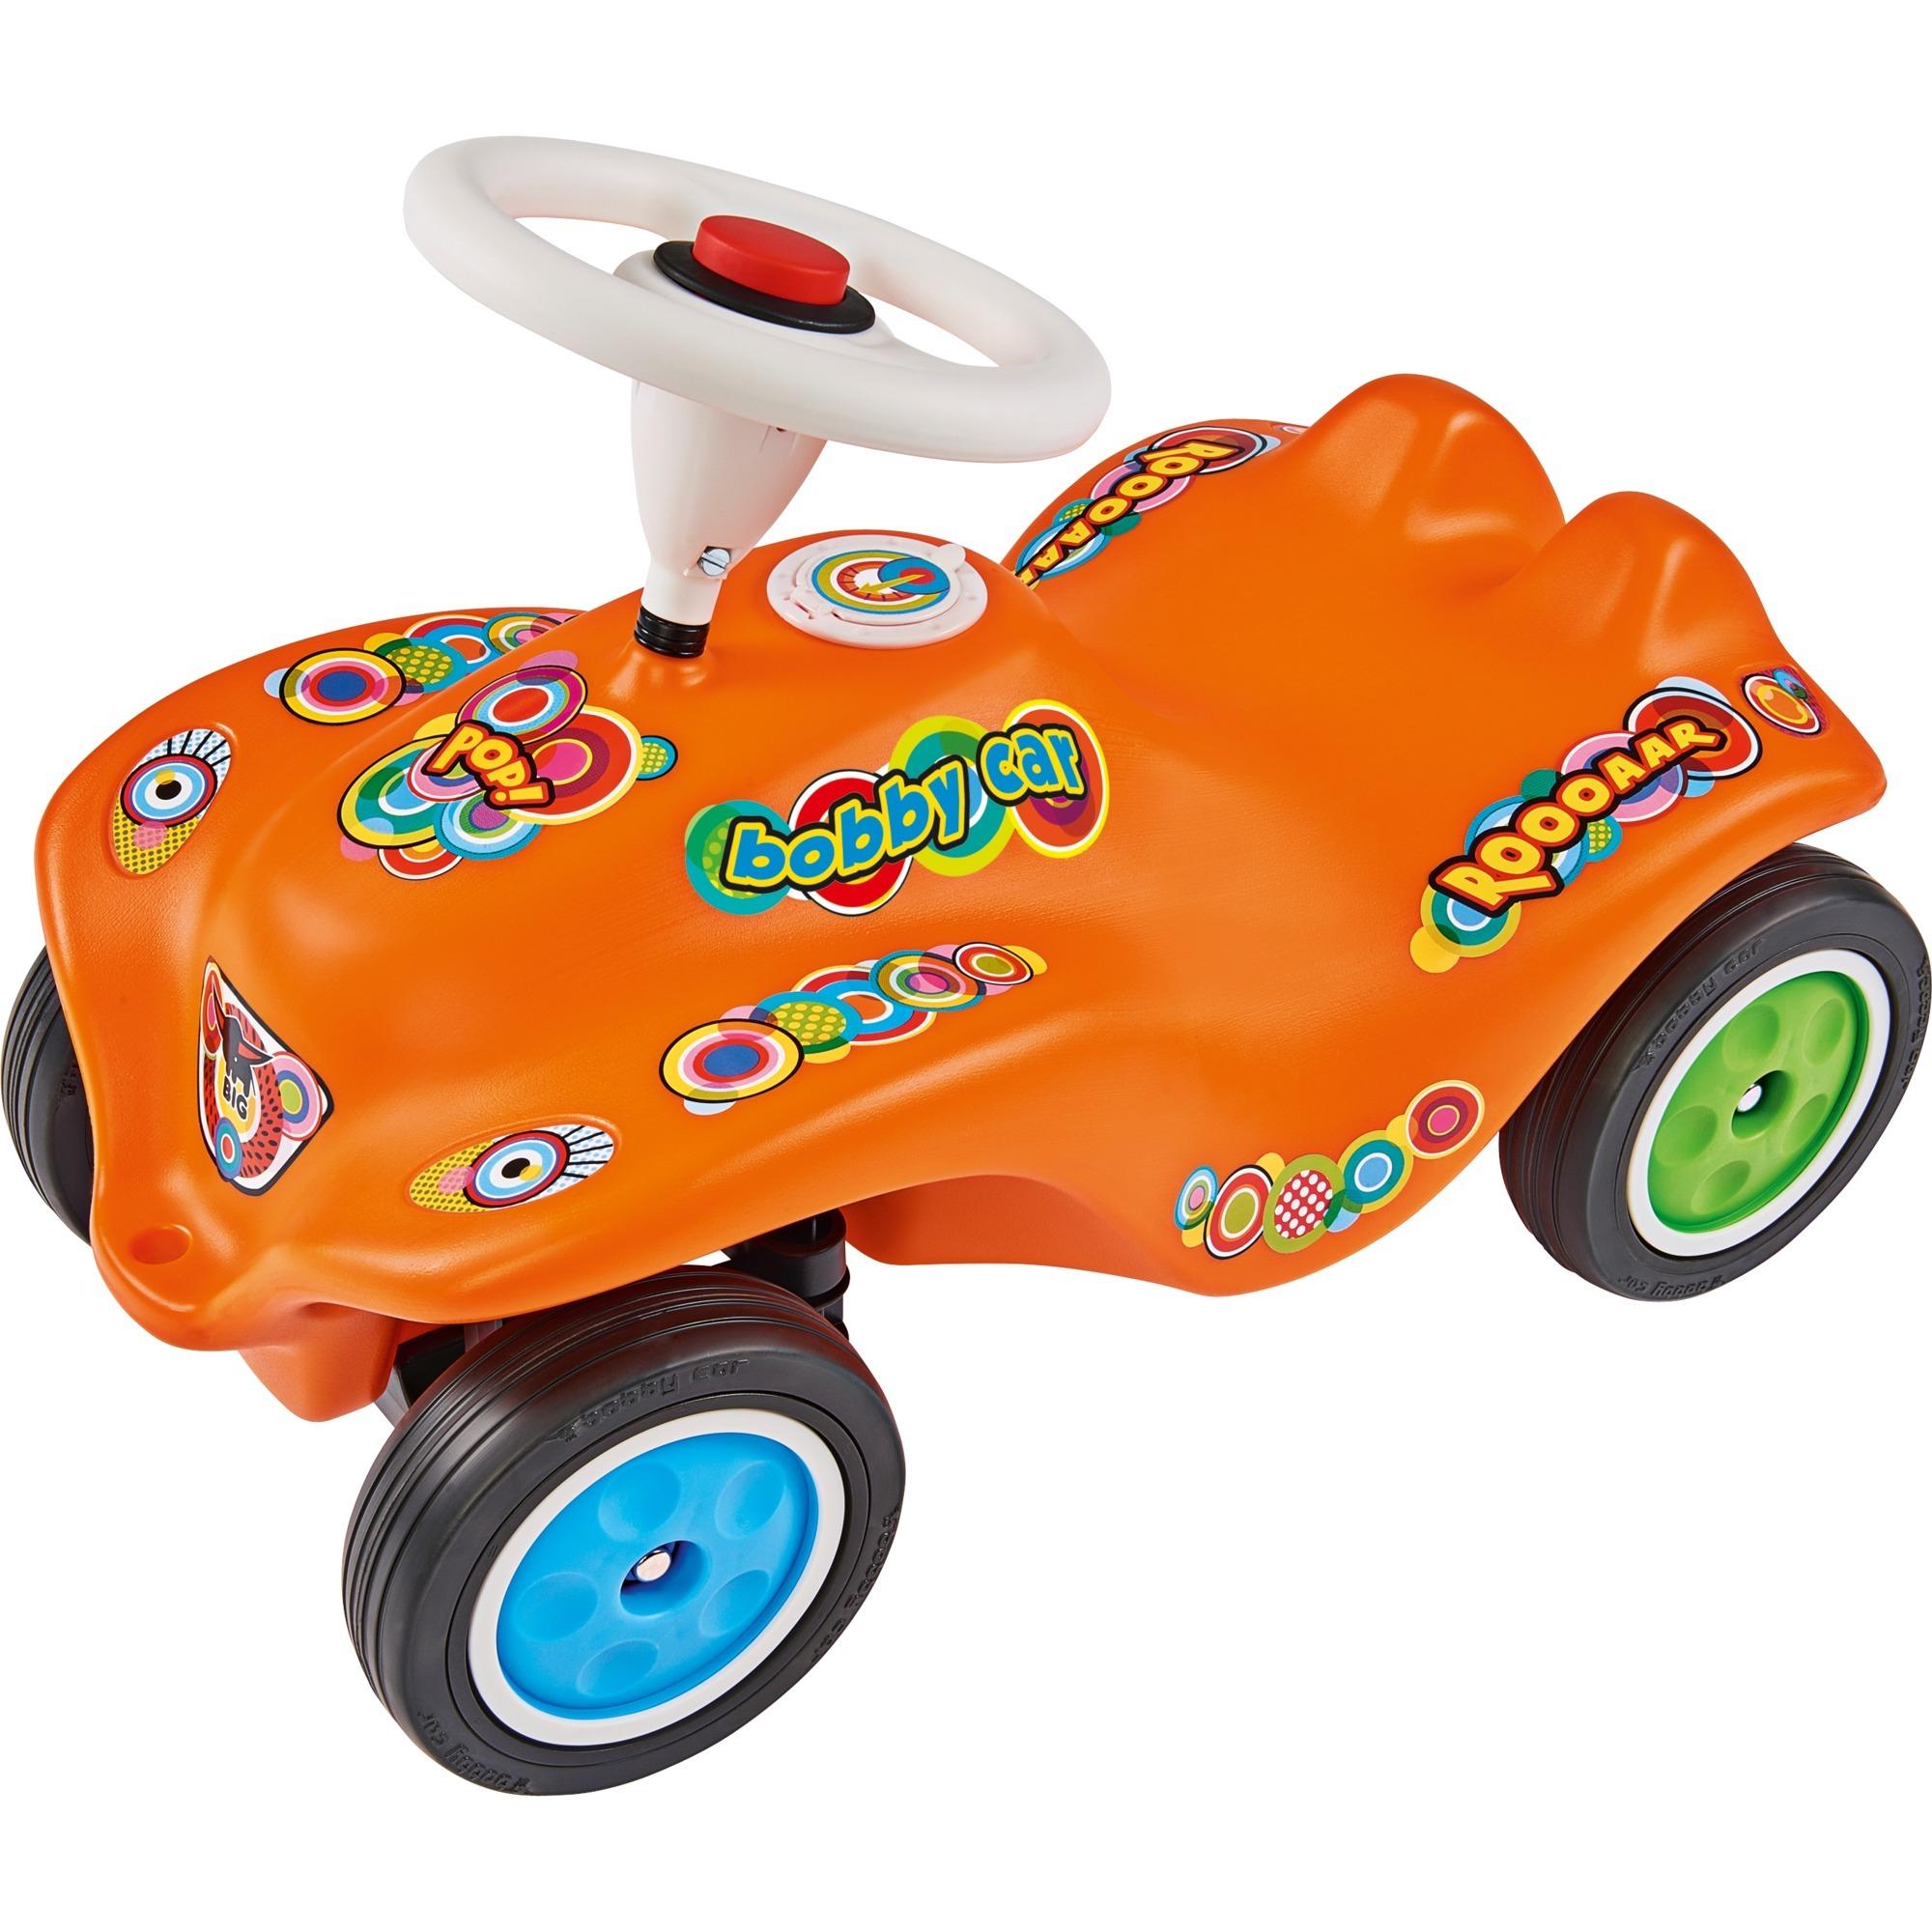 800056162, Automóvil de juguete